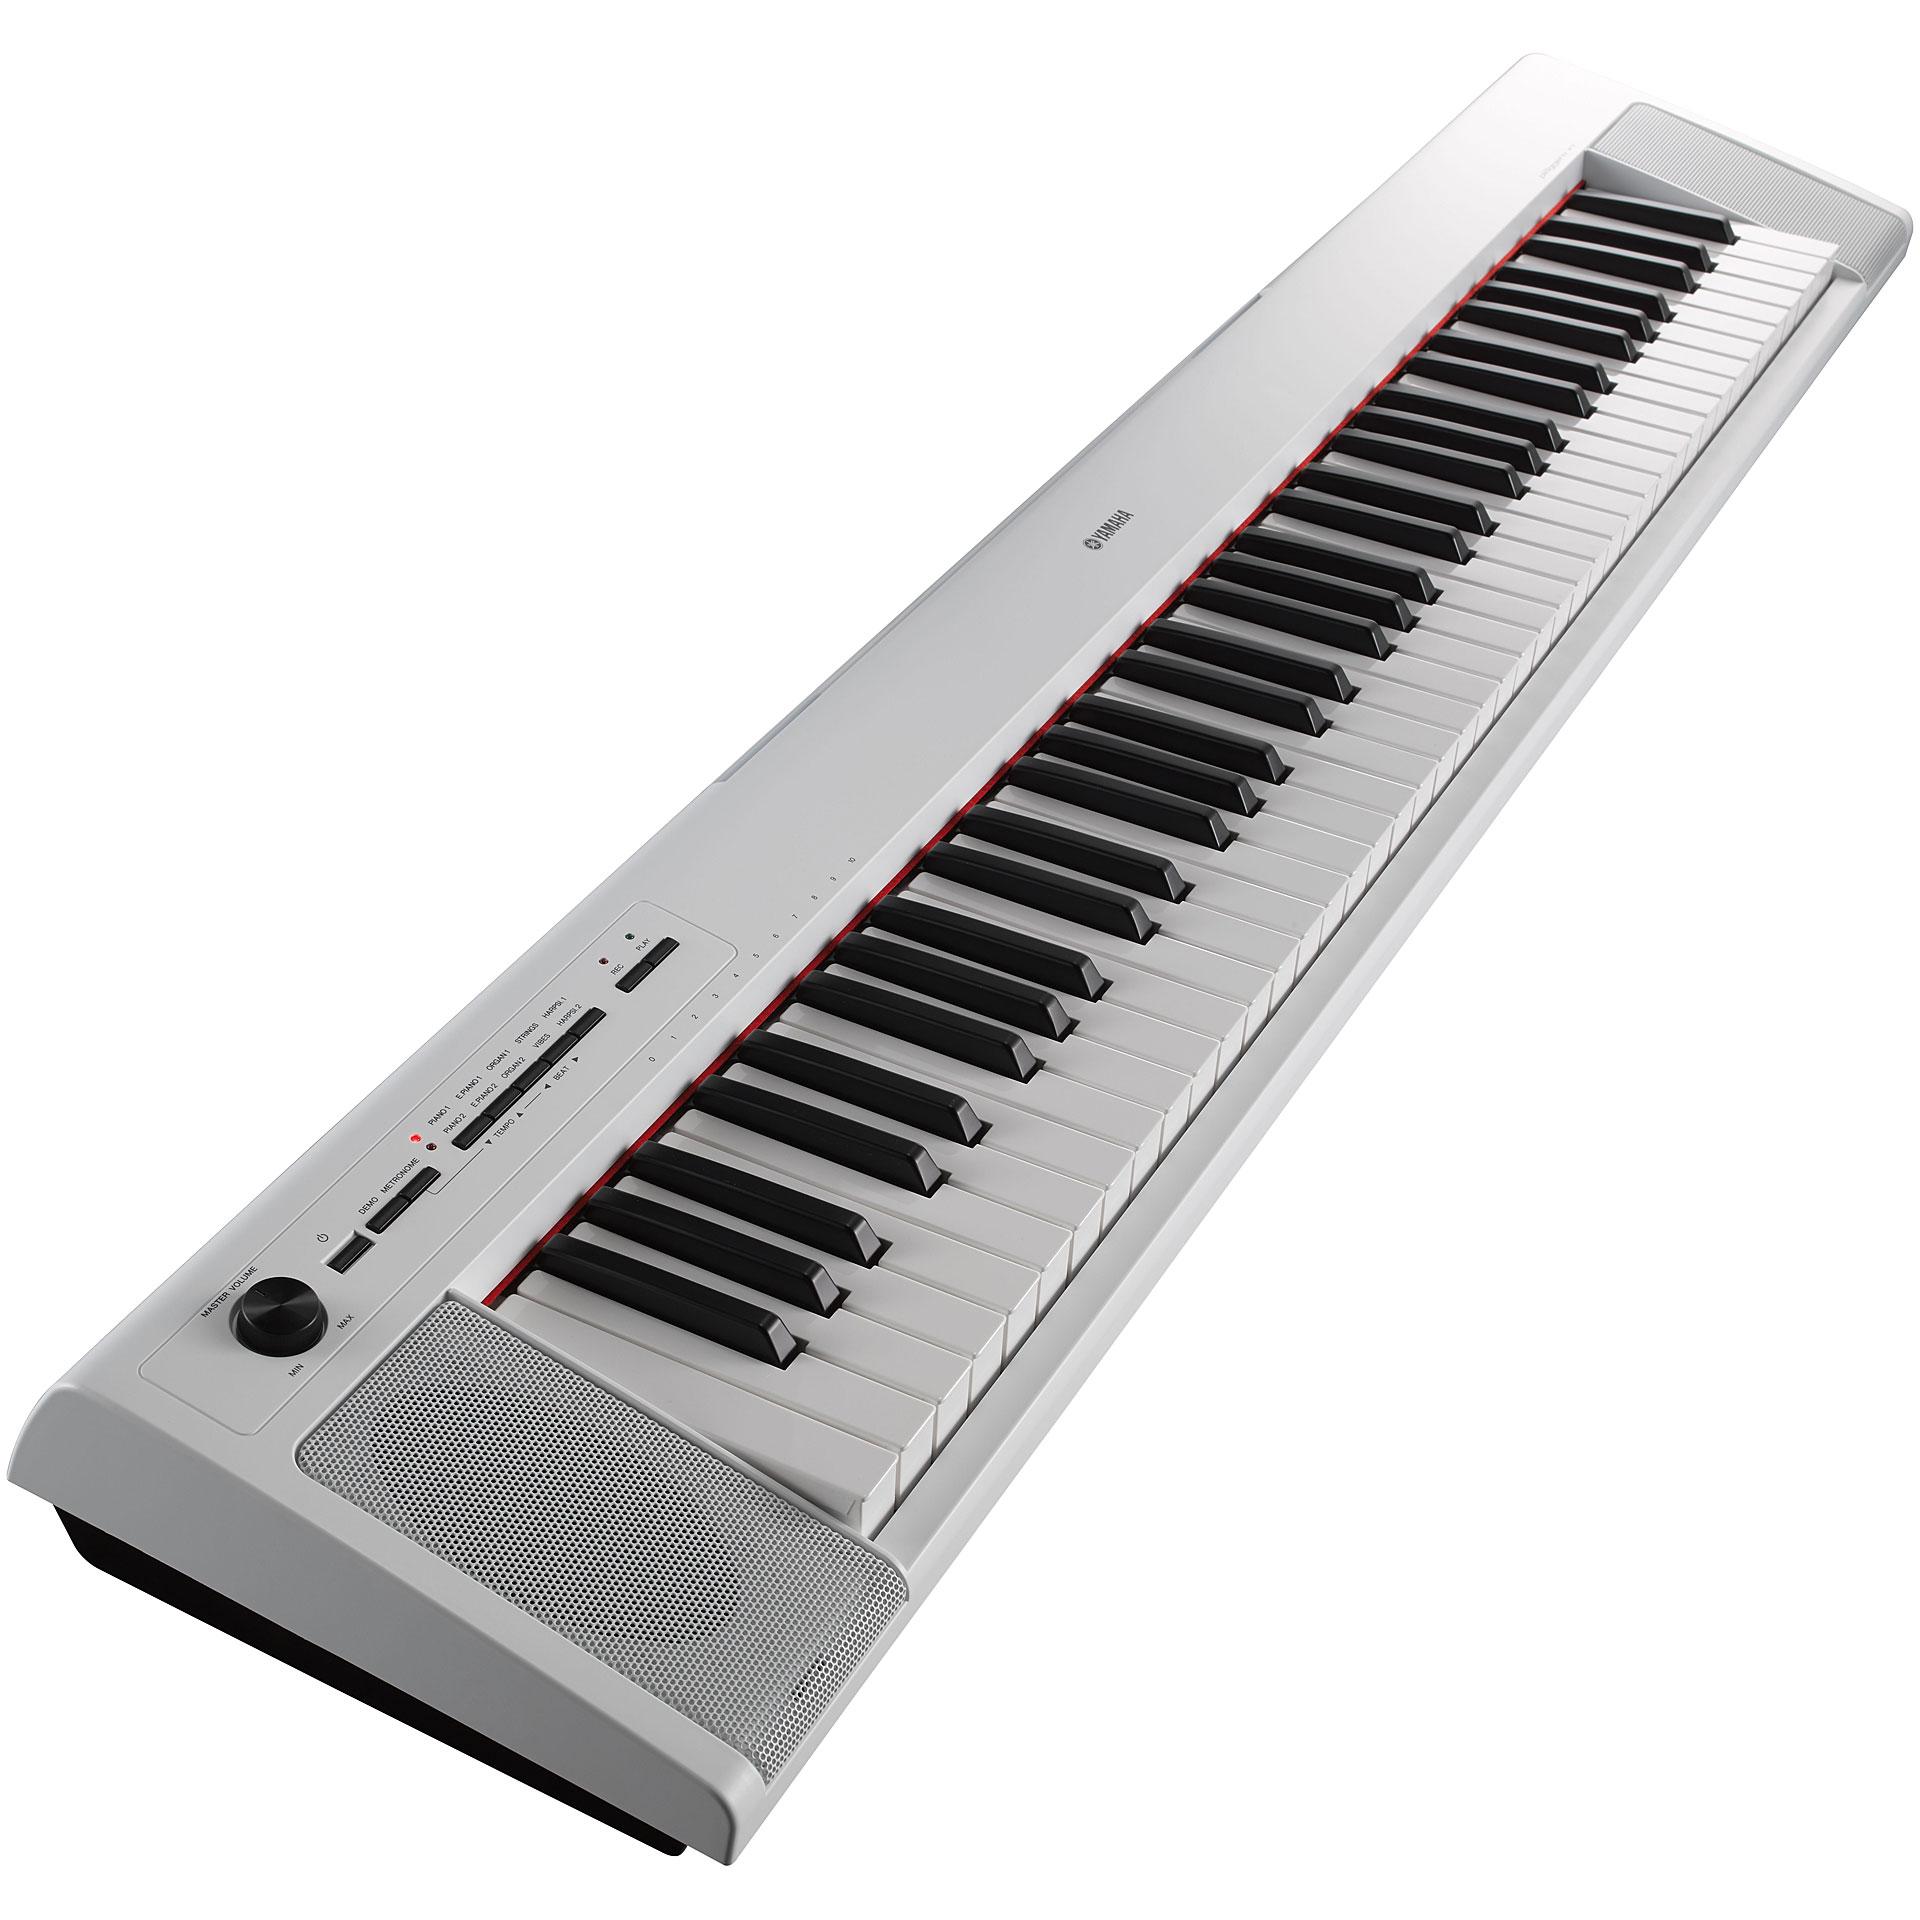 Yamaha Keyboard Sustain Without Pedal